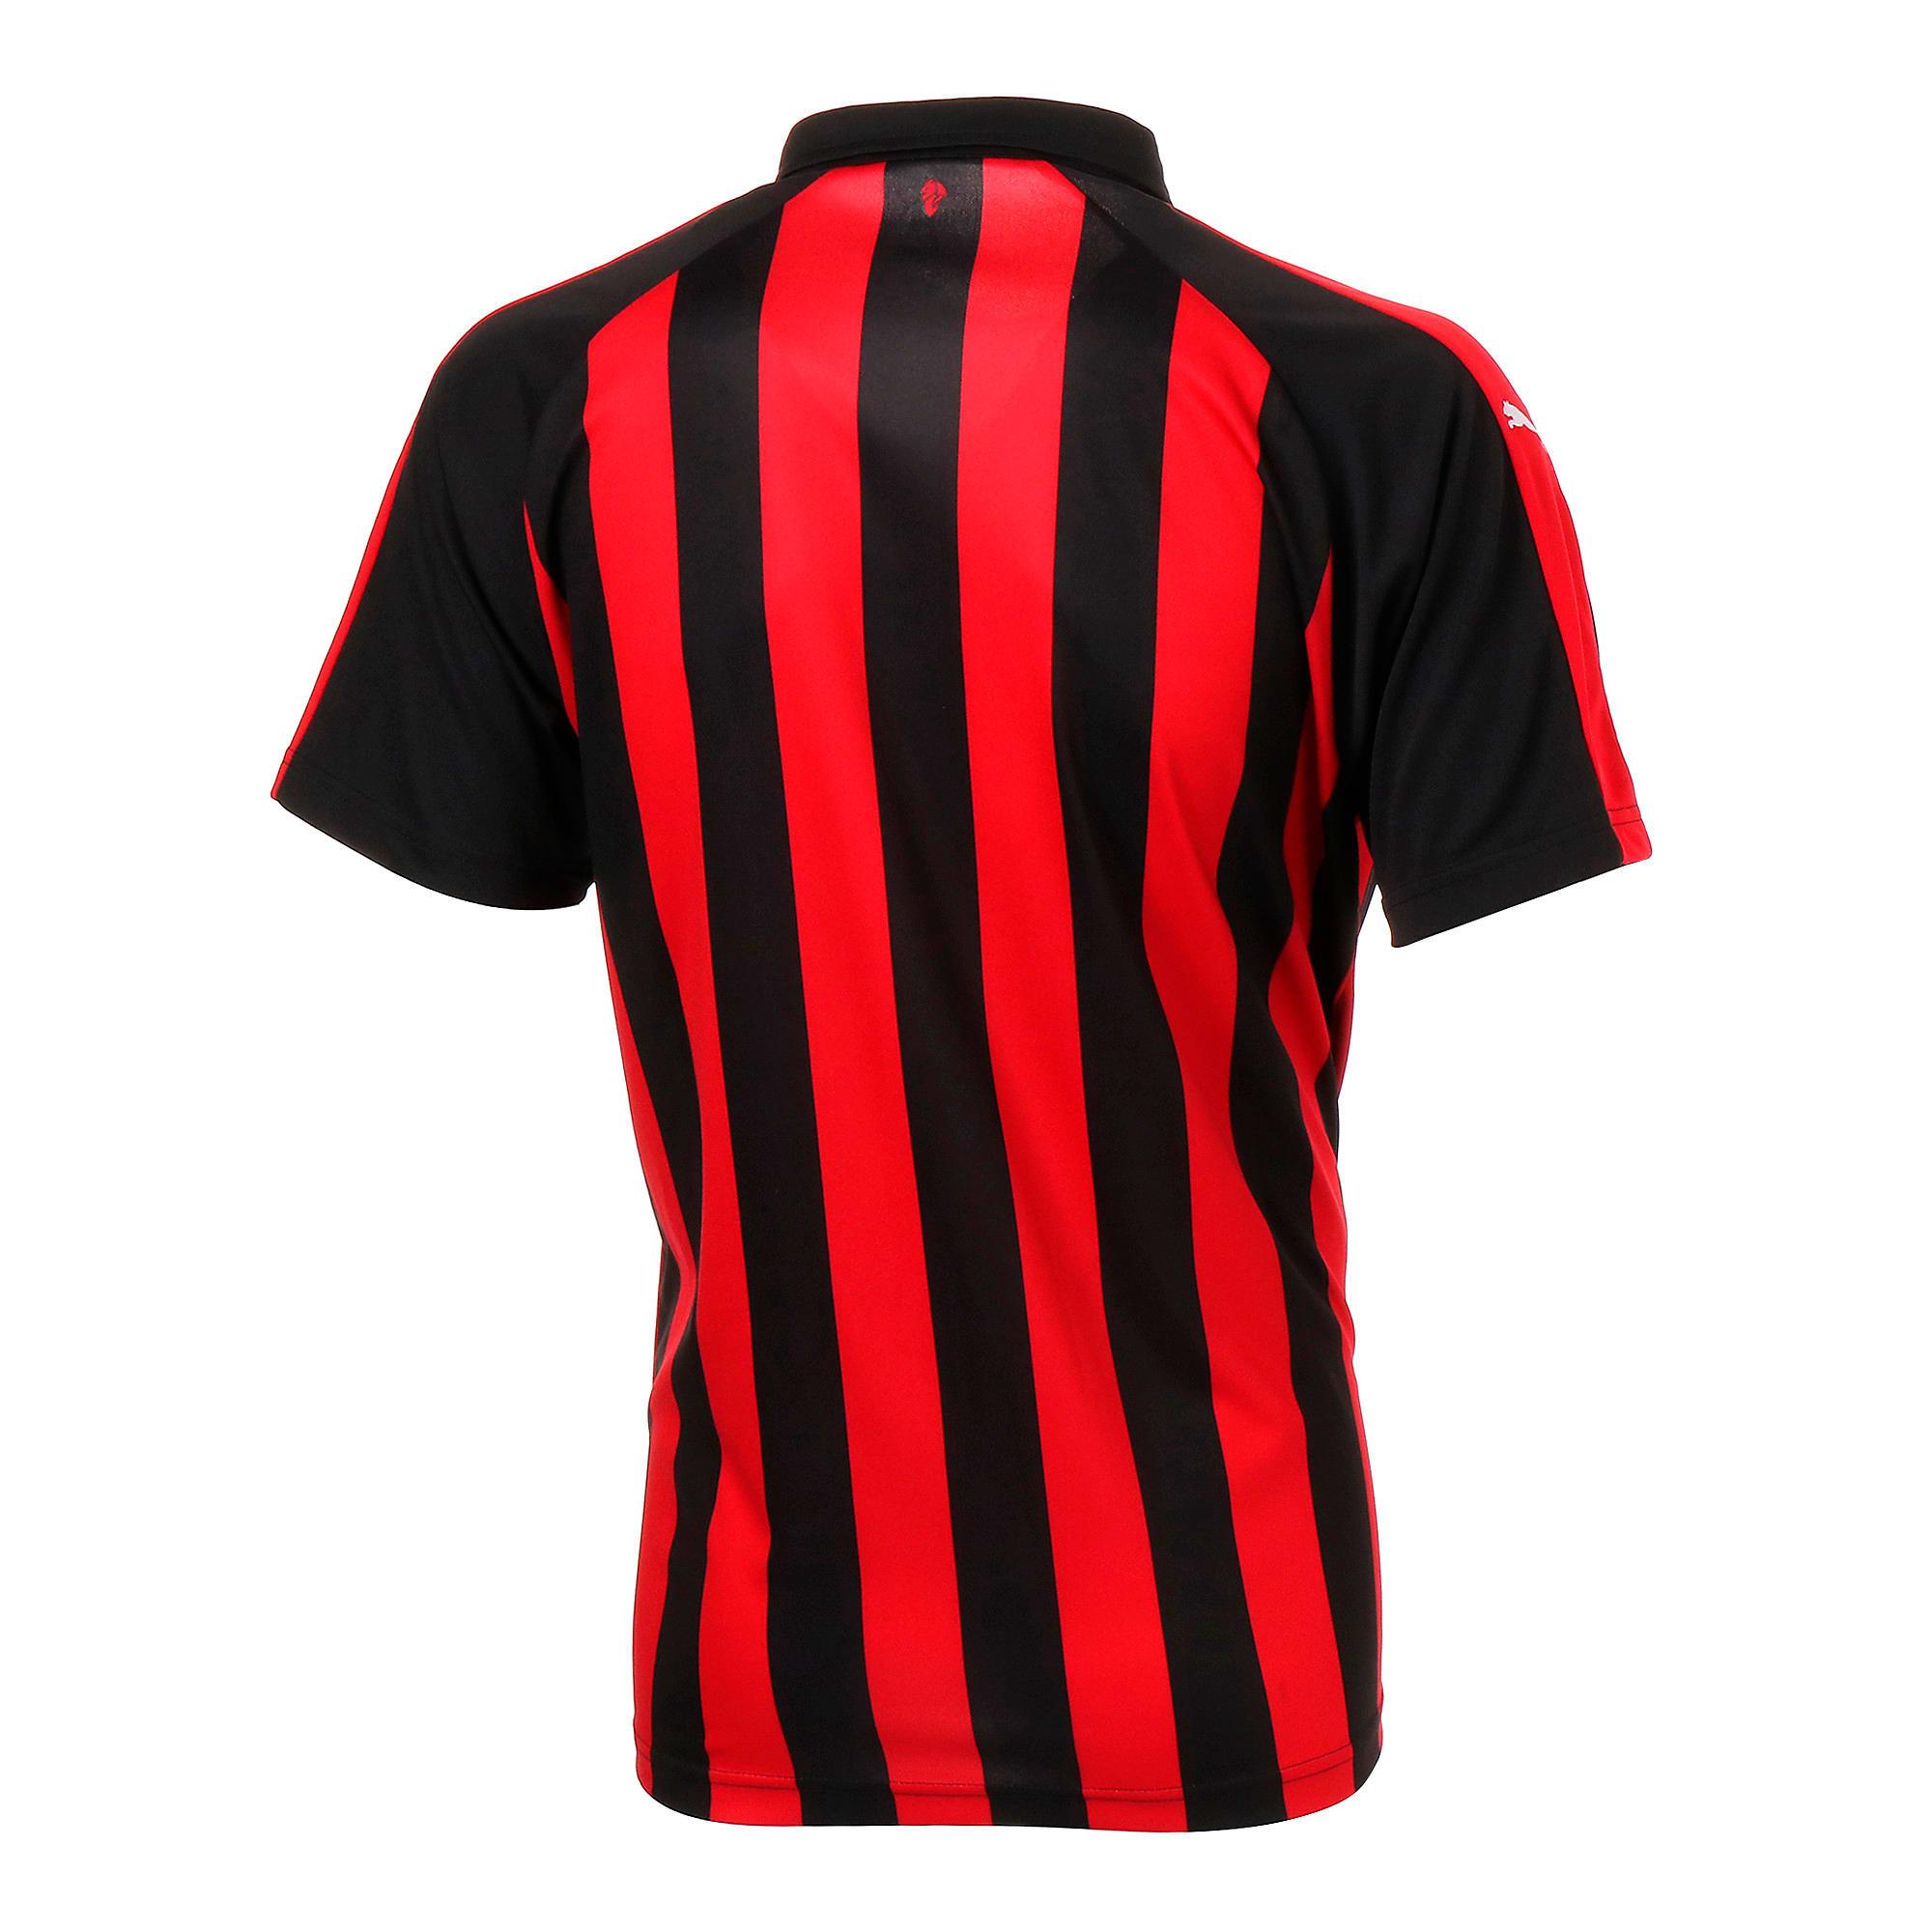 Thumbnail 3 of AC MILAN SS ホーム レプリカシャツ 半袖, Tango Red-Puma Black, medium-JPN